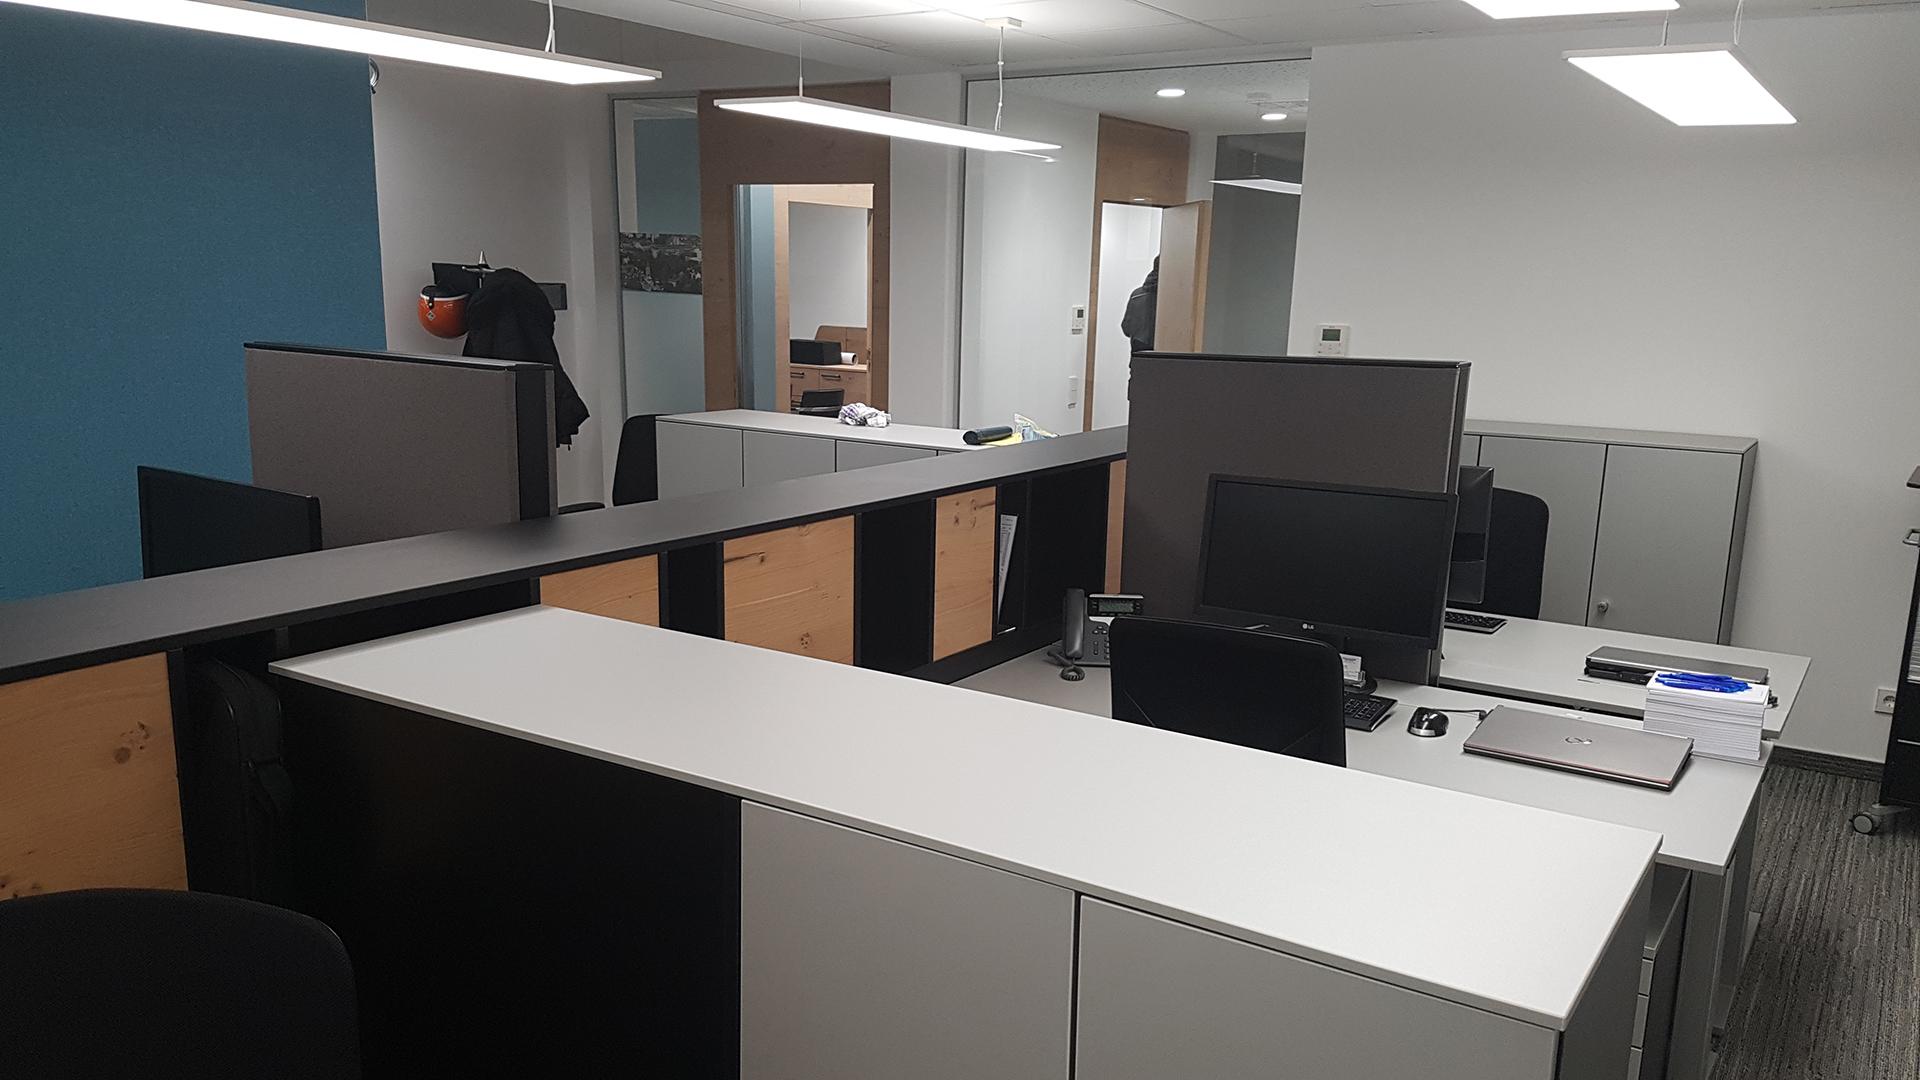 Moderne Arbeitsplätze erlauben effiziente Arbeit in entspannter Atmosphäre